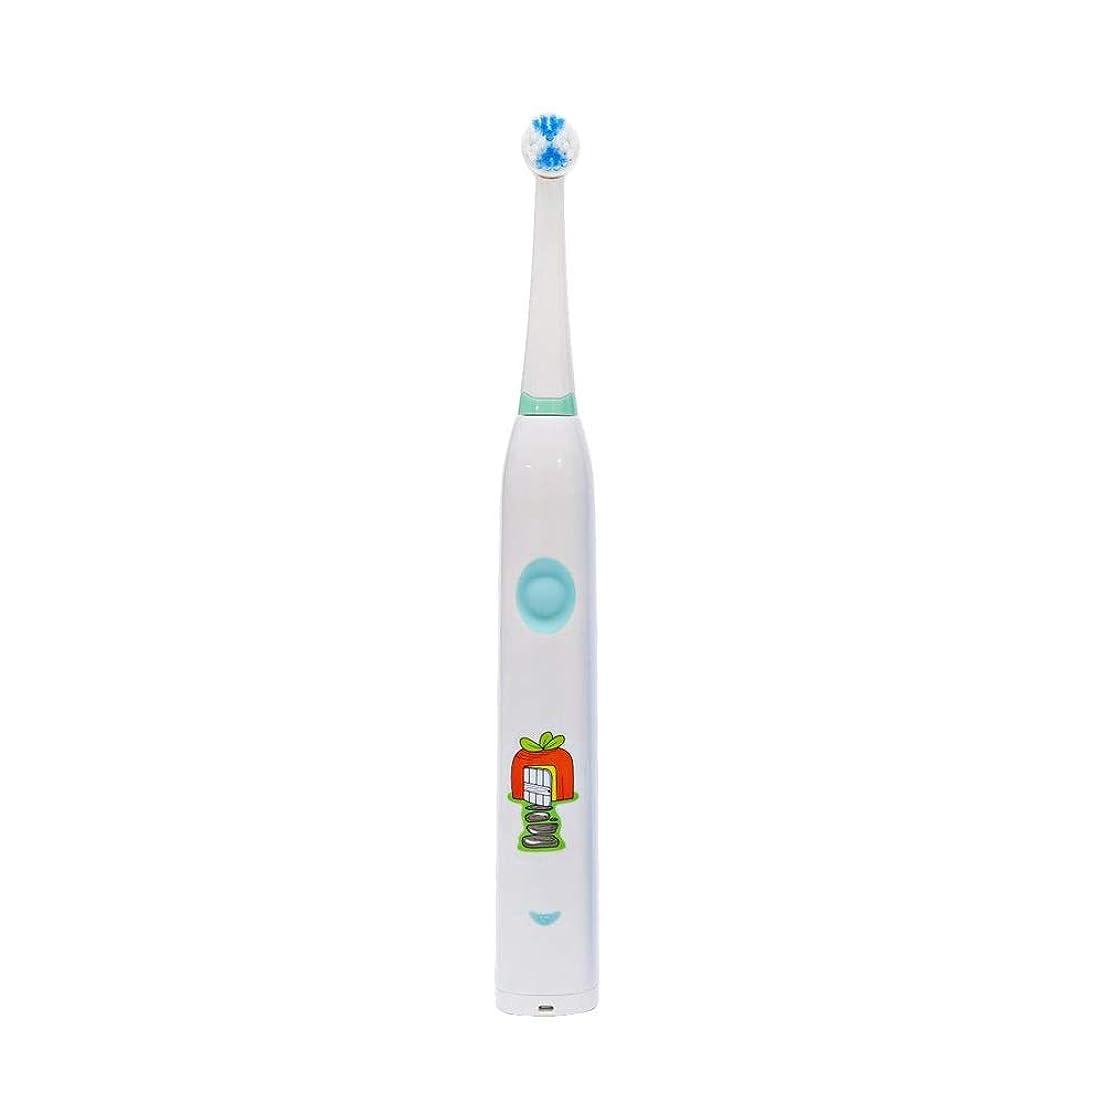 有利生産的遊び場子供用電動歯ブラシかわいいUSB充電式歯ブラシ 完全な口腔ケアのために (色 : 白, サイズ : Free size)